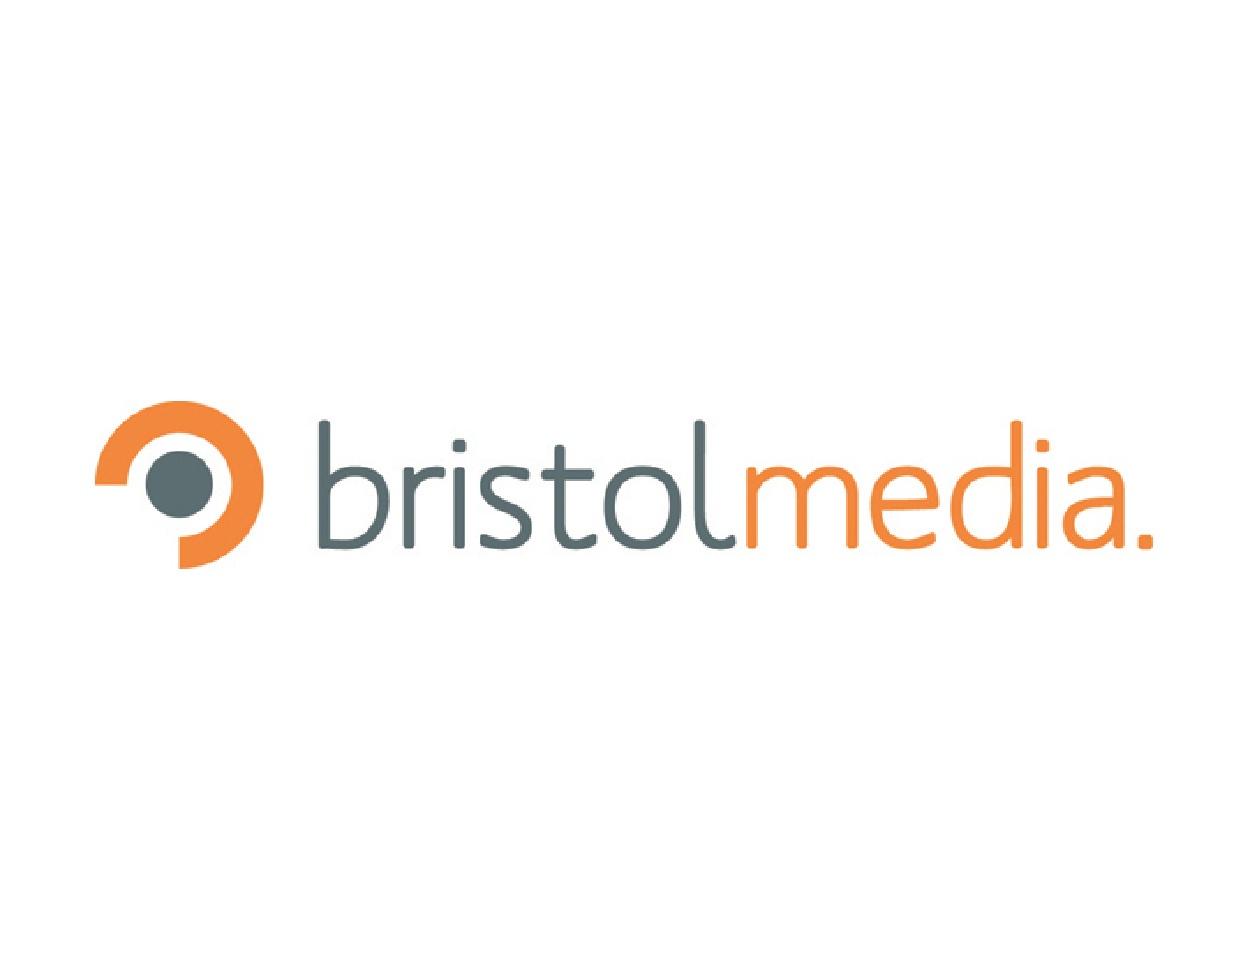 Bristol Media logo 2005